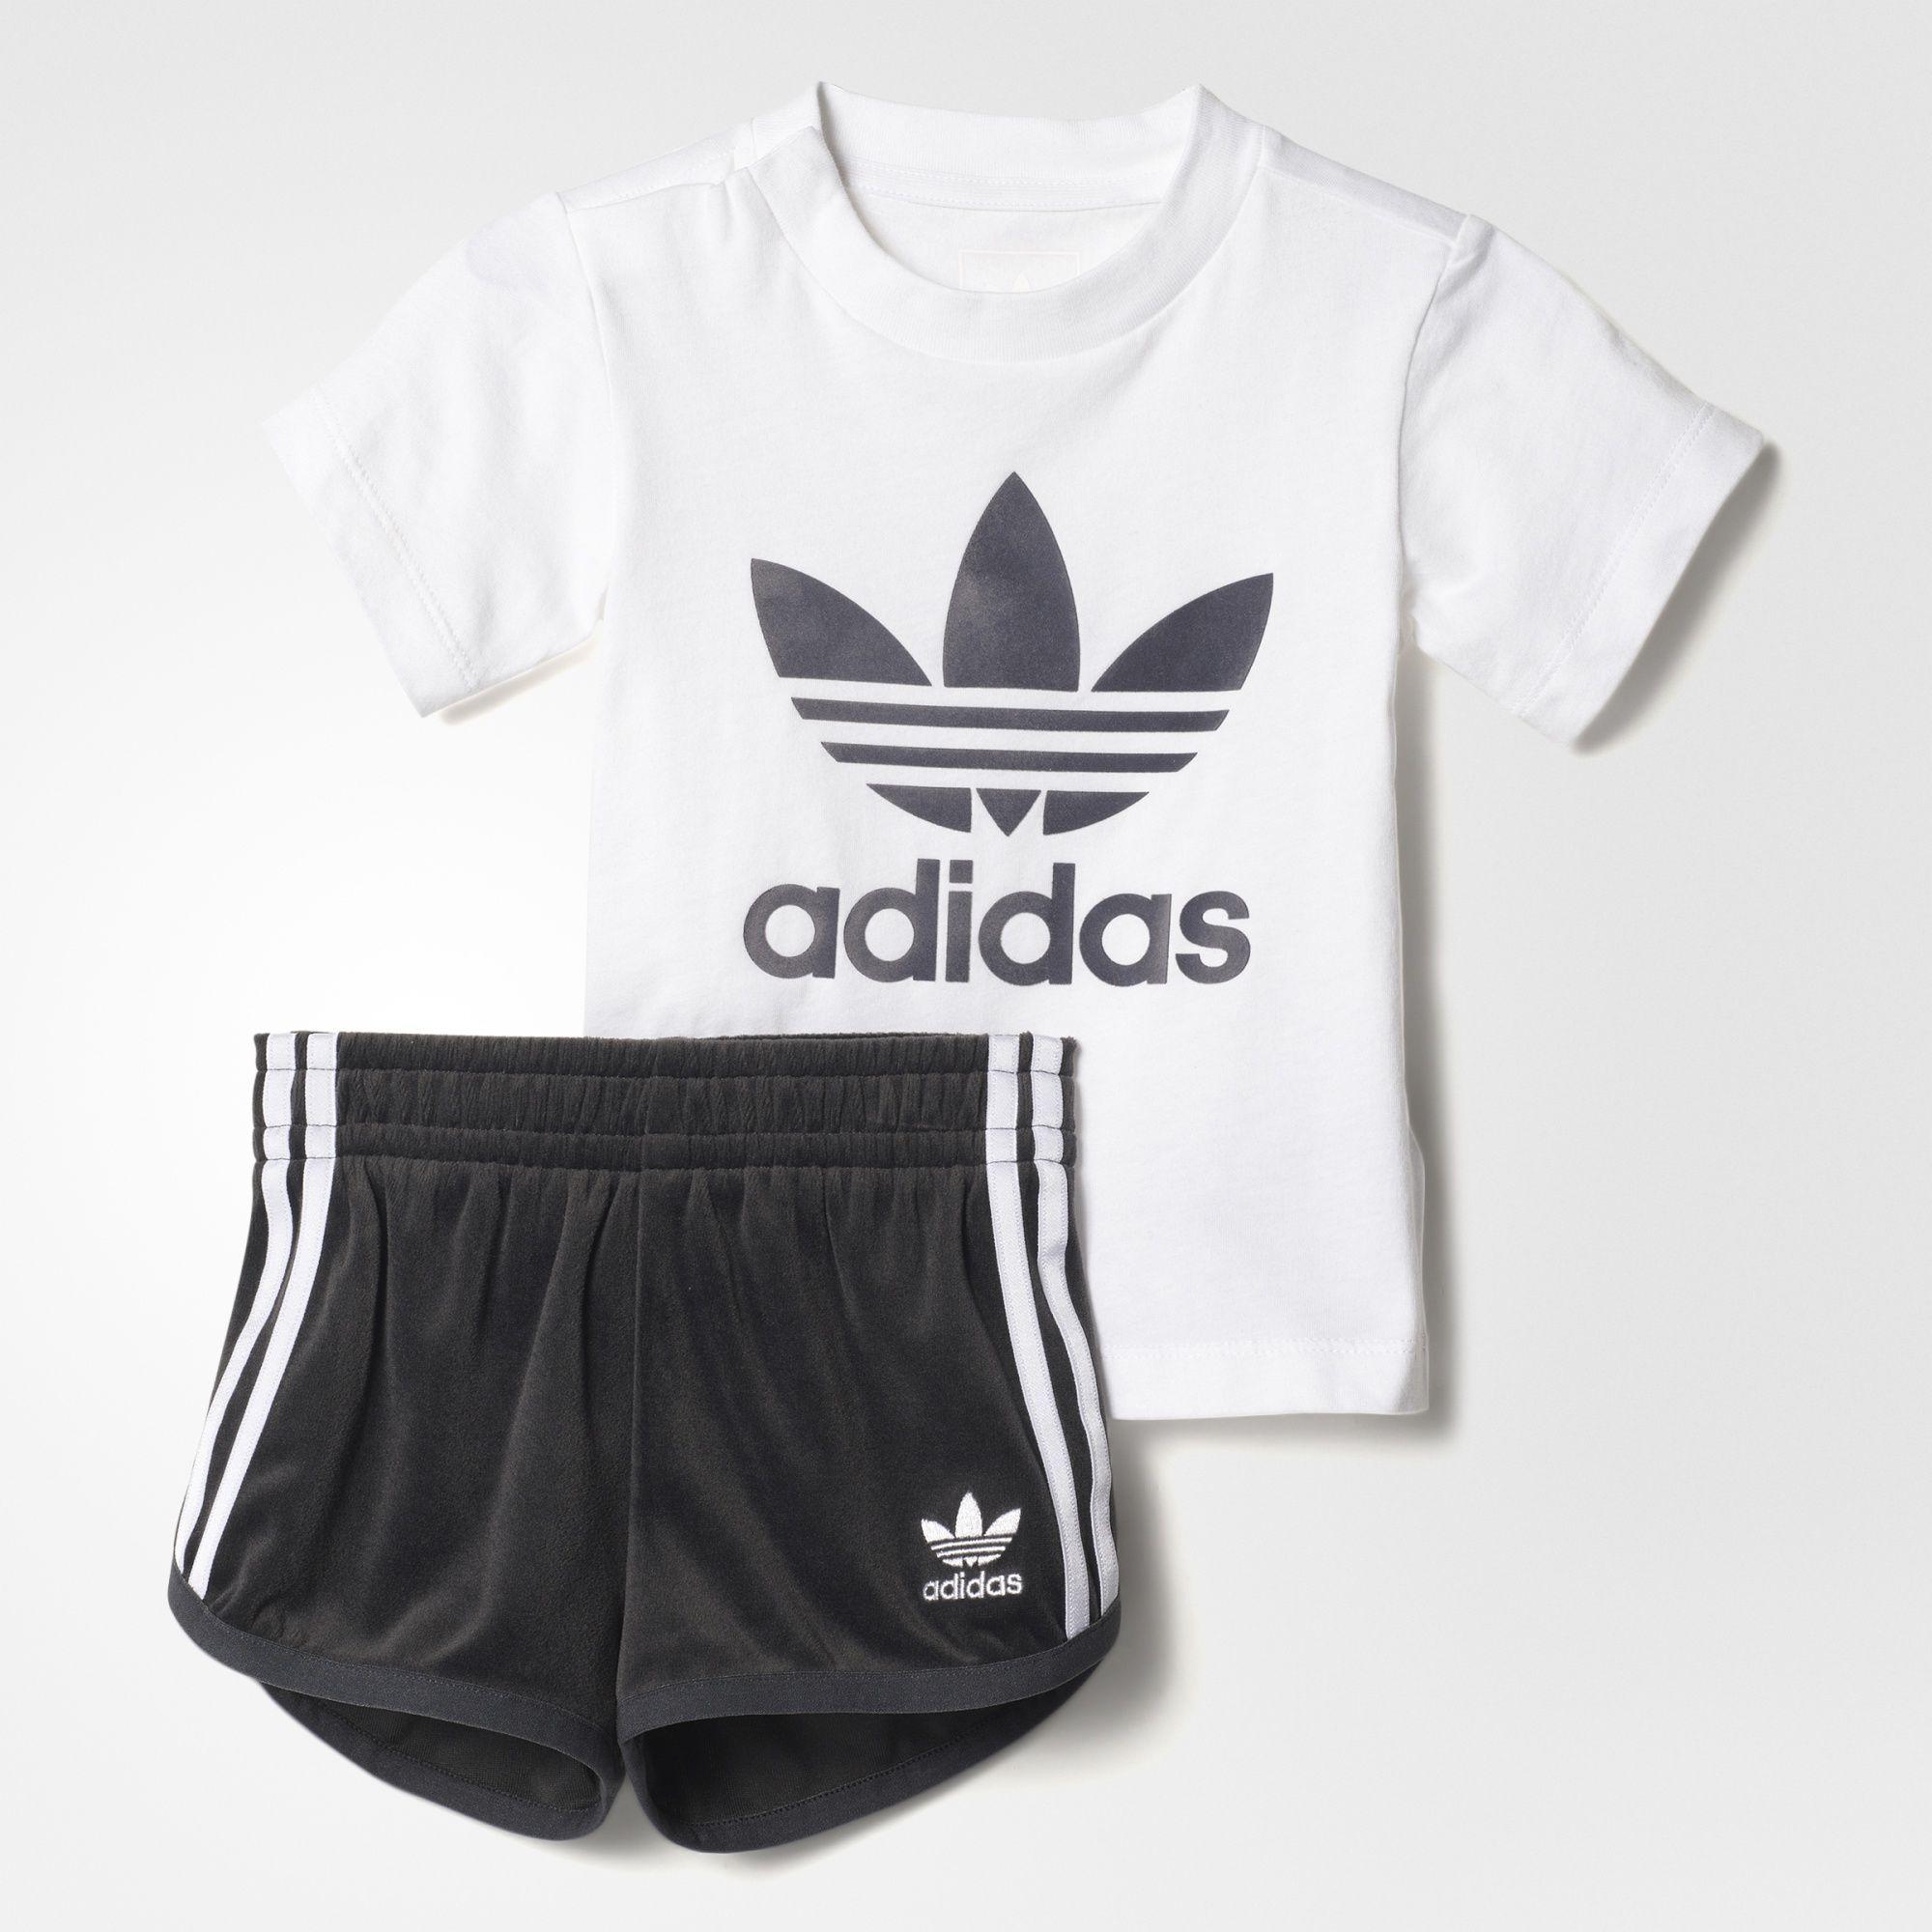 adidas - Velour Shorts Set